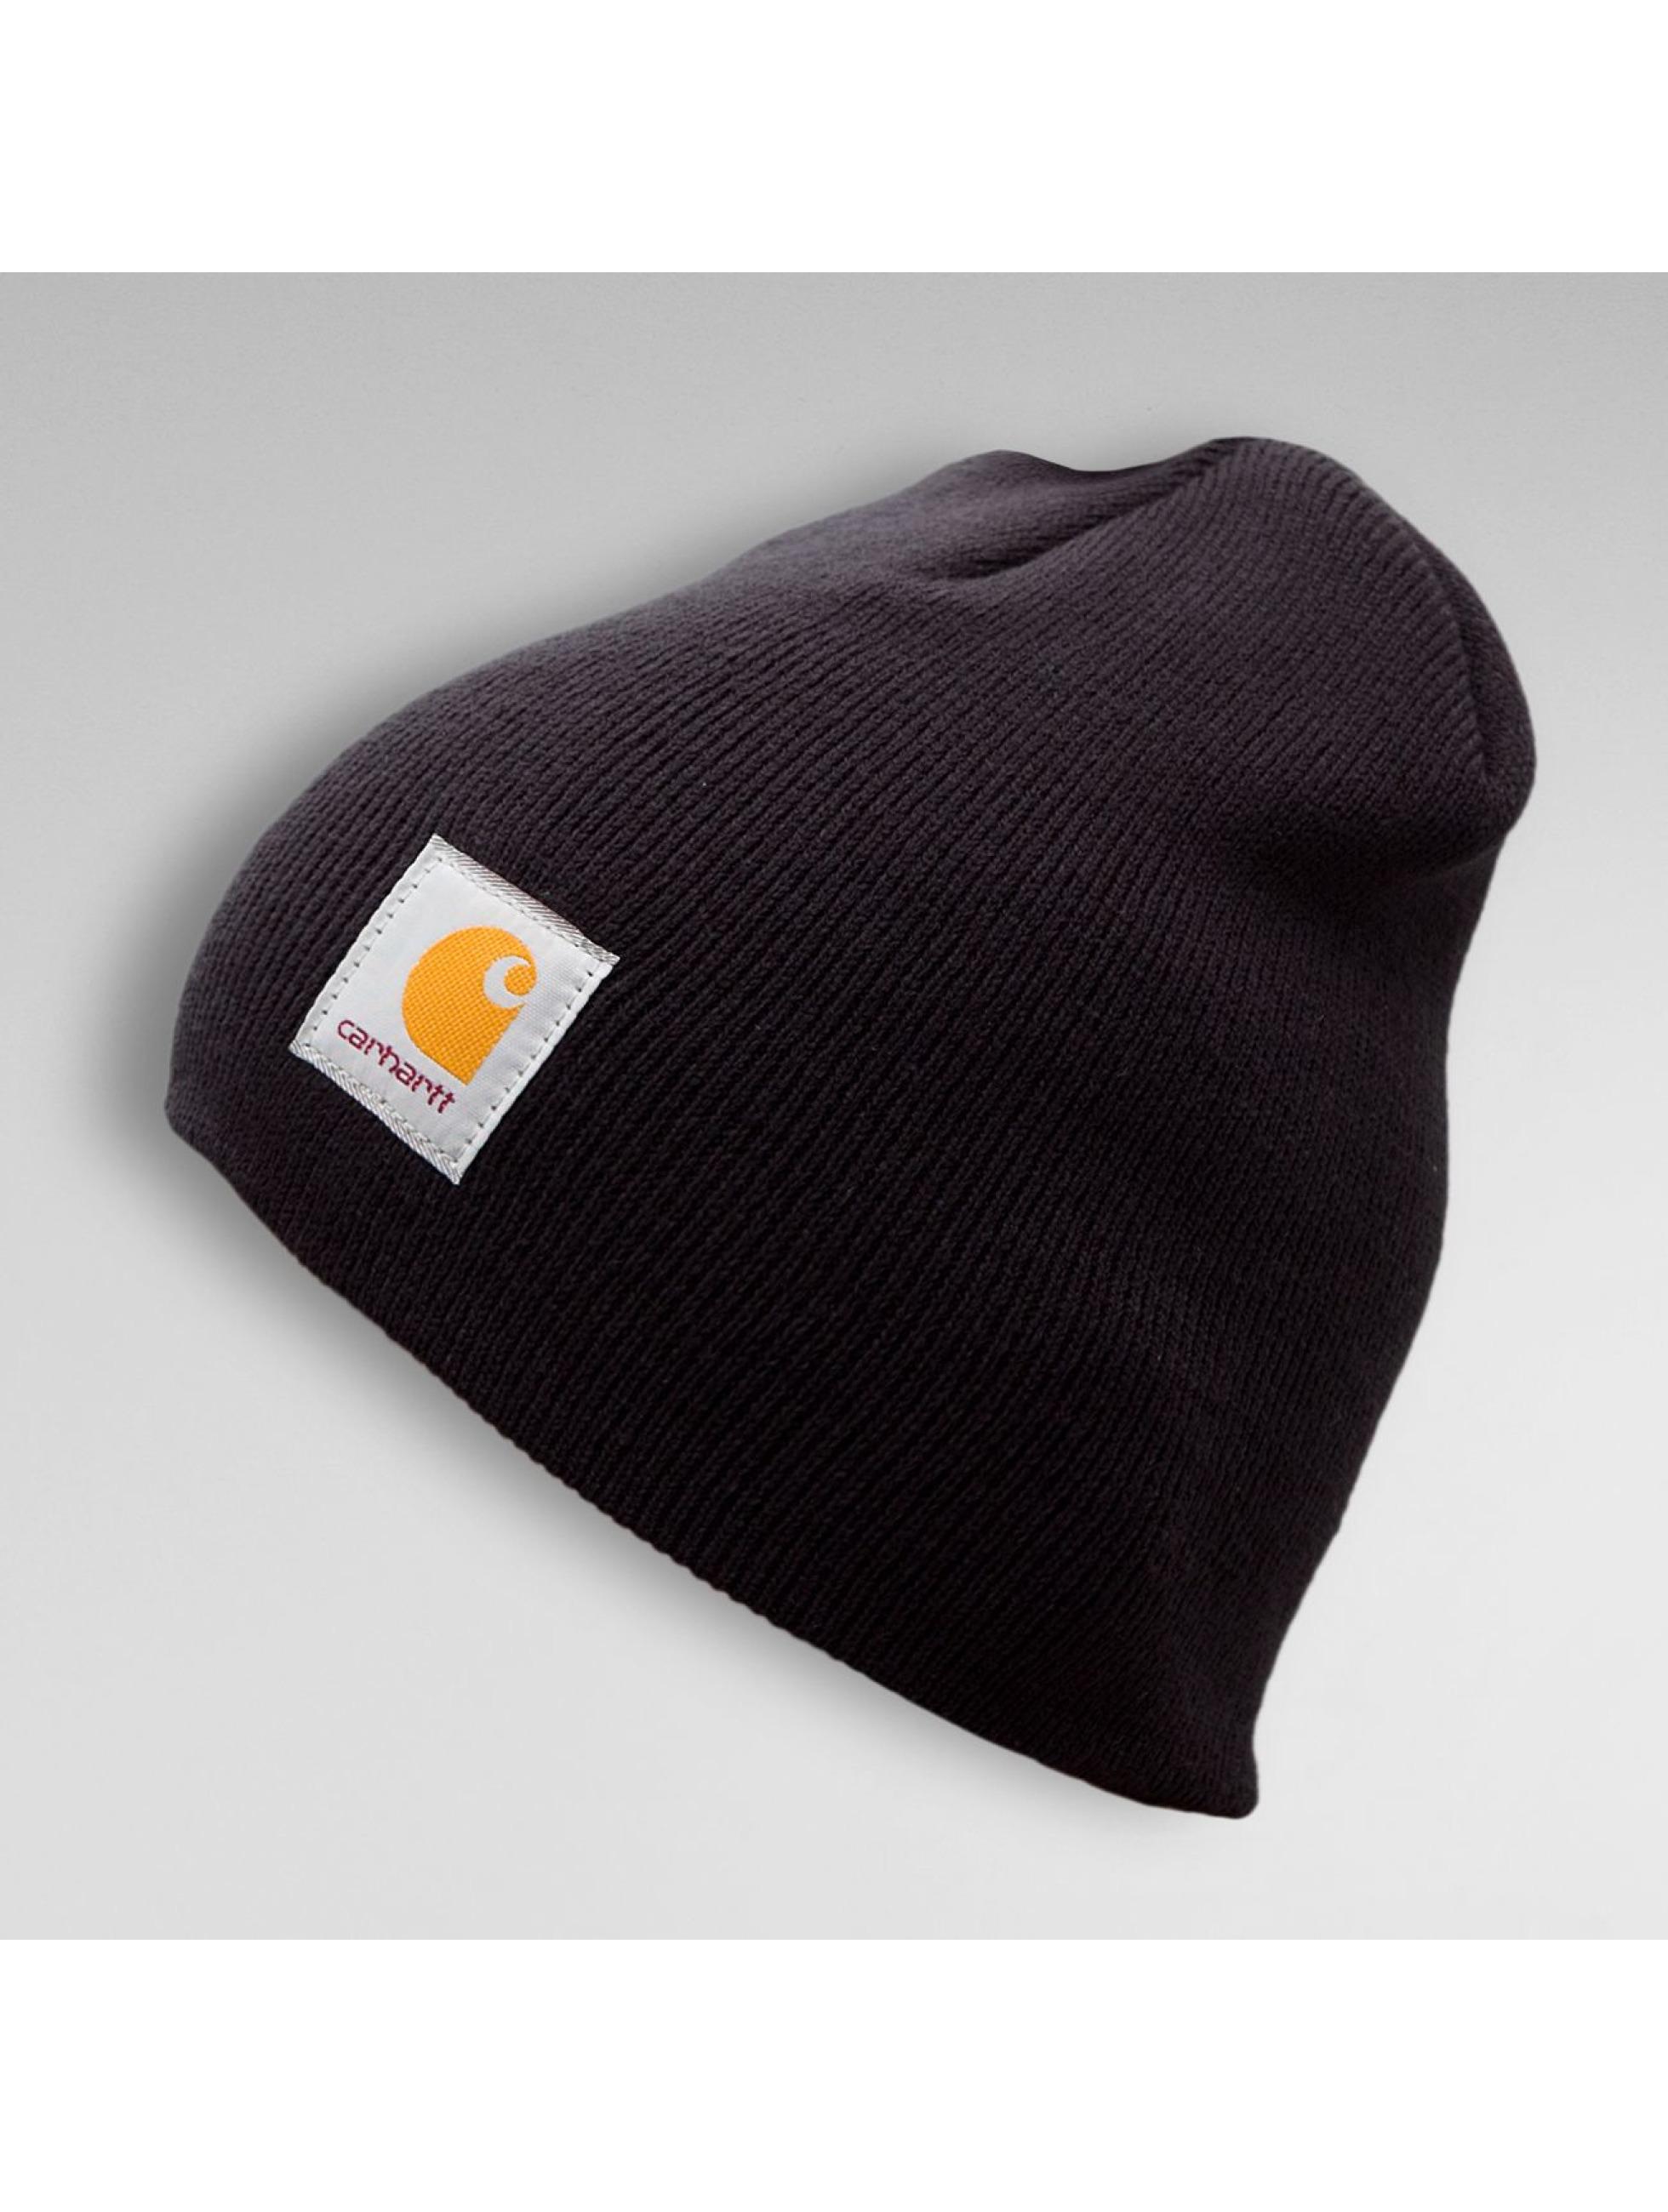 carhartt wip accessoires bonnet acrylic knit en noir 106858. Black Bedroom Furniture Sets. Home Design Ideas